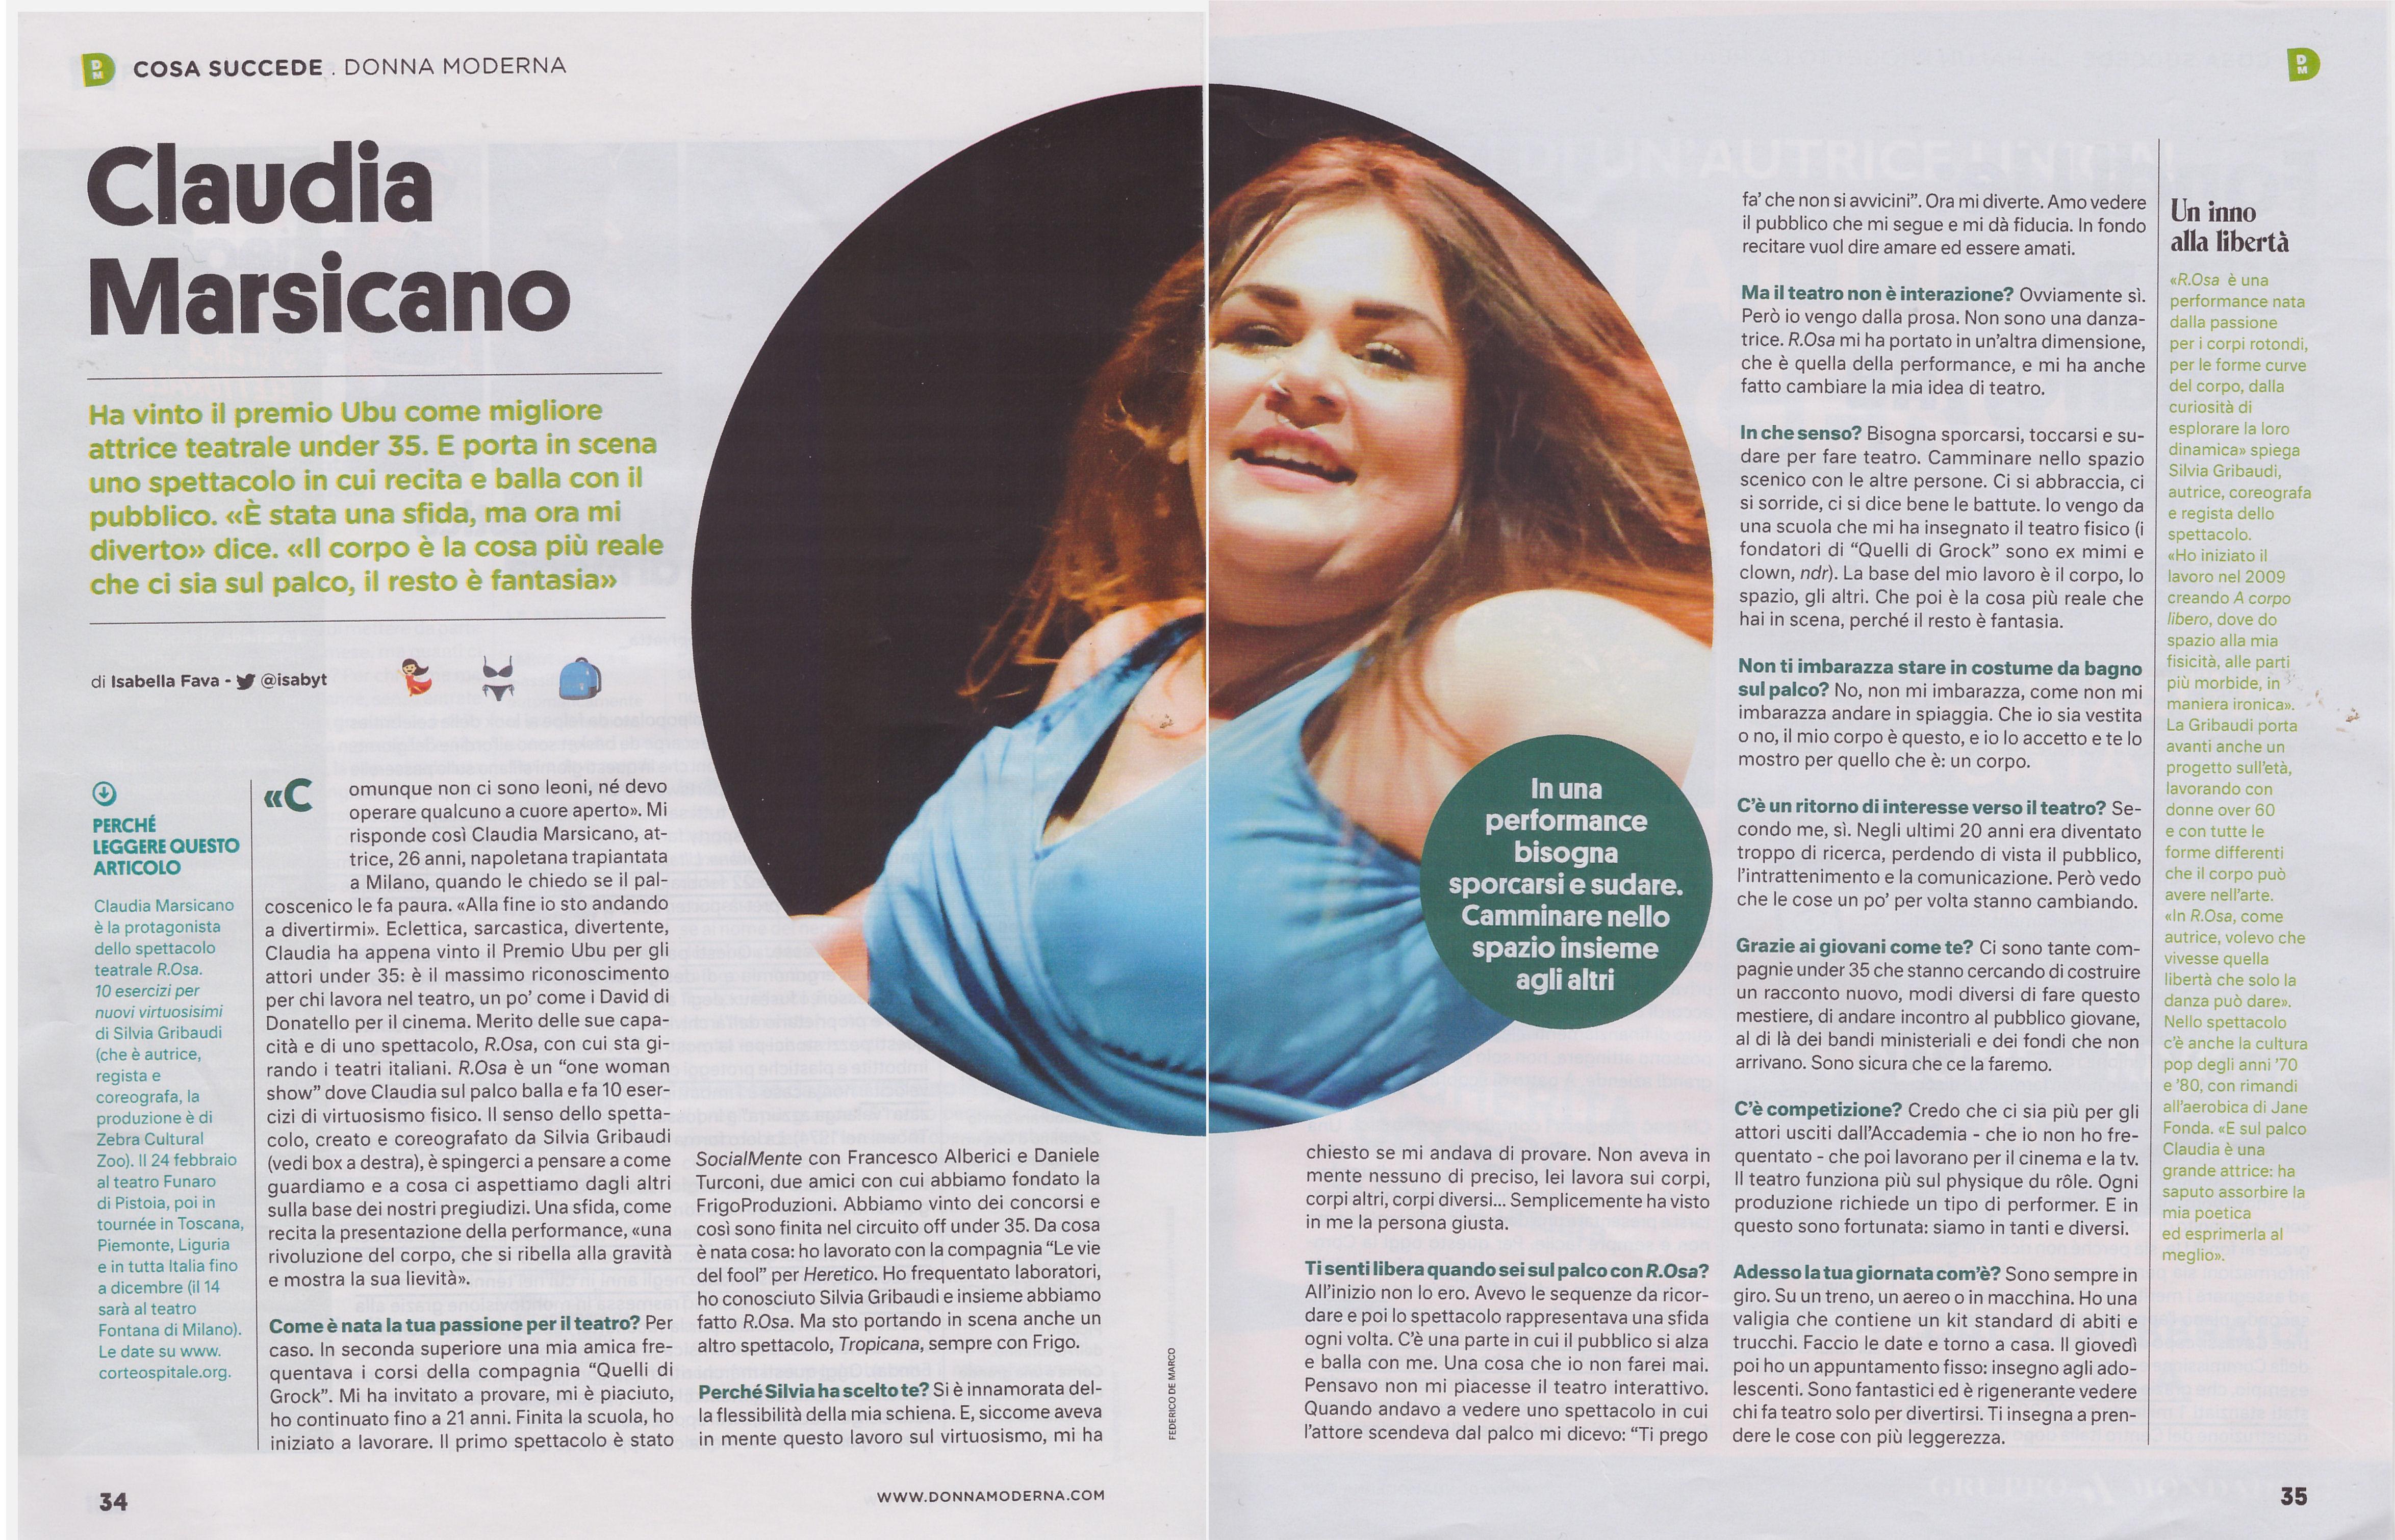 Intervista a Claudia Marsicano per Donna Moderna 2018 di Isabella Fava